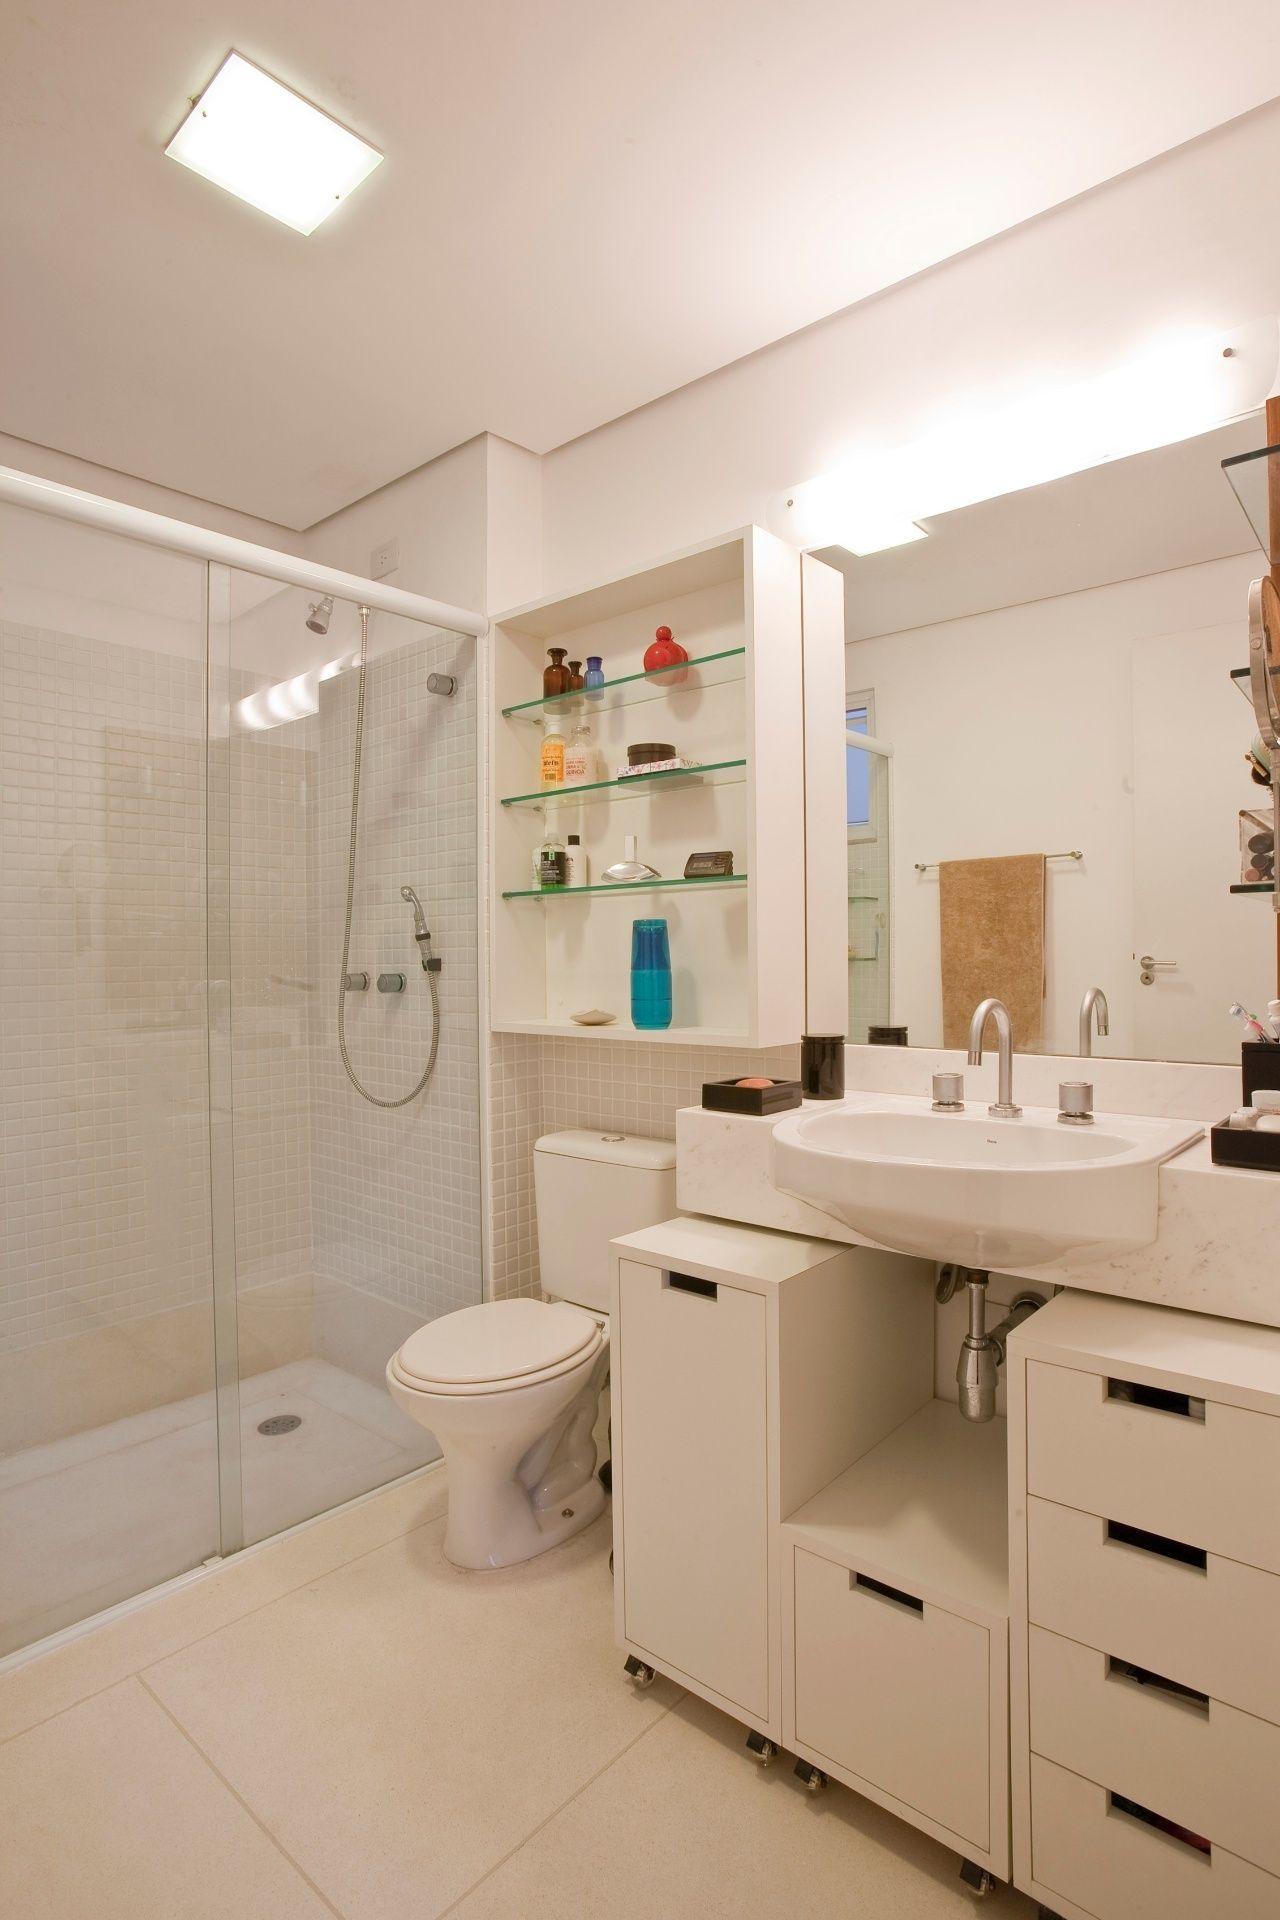 Banheiros pequenos: dicas de decoração para quem tem pouco espaço - BOL Fotos - BOL Fotos